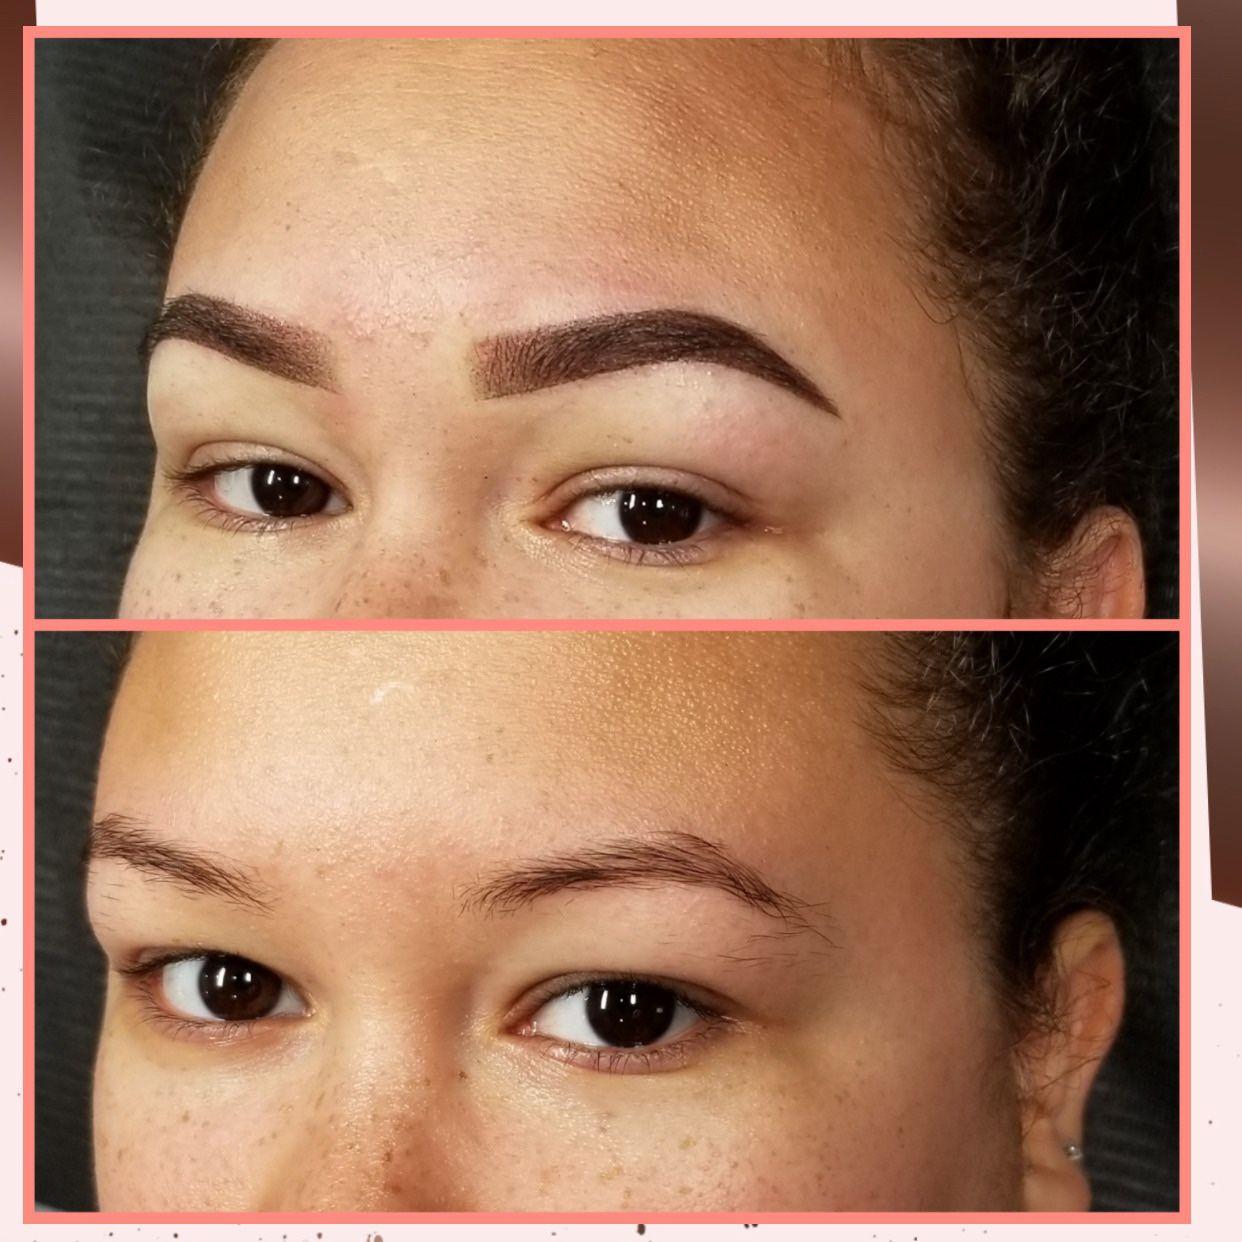 Microblading/Ombré Powder Eyebrows